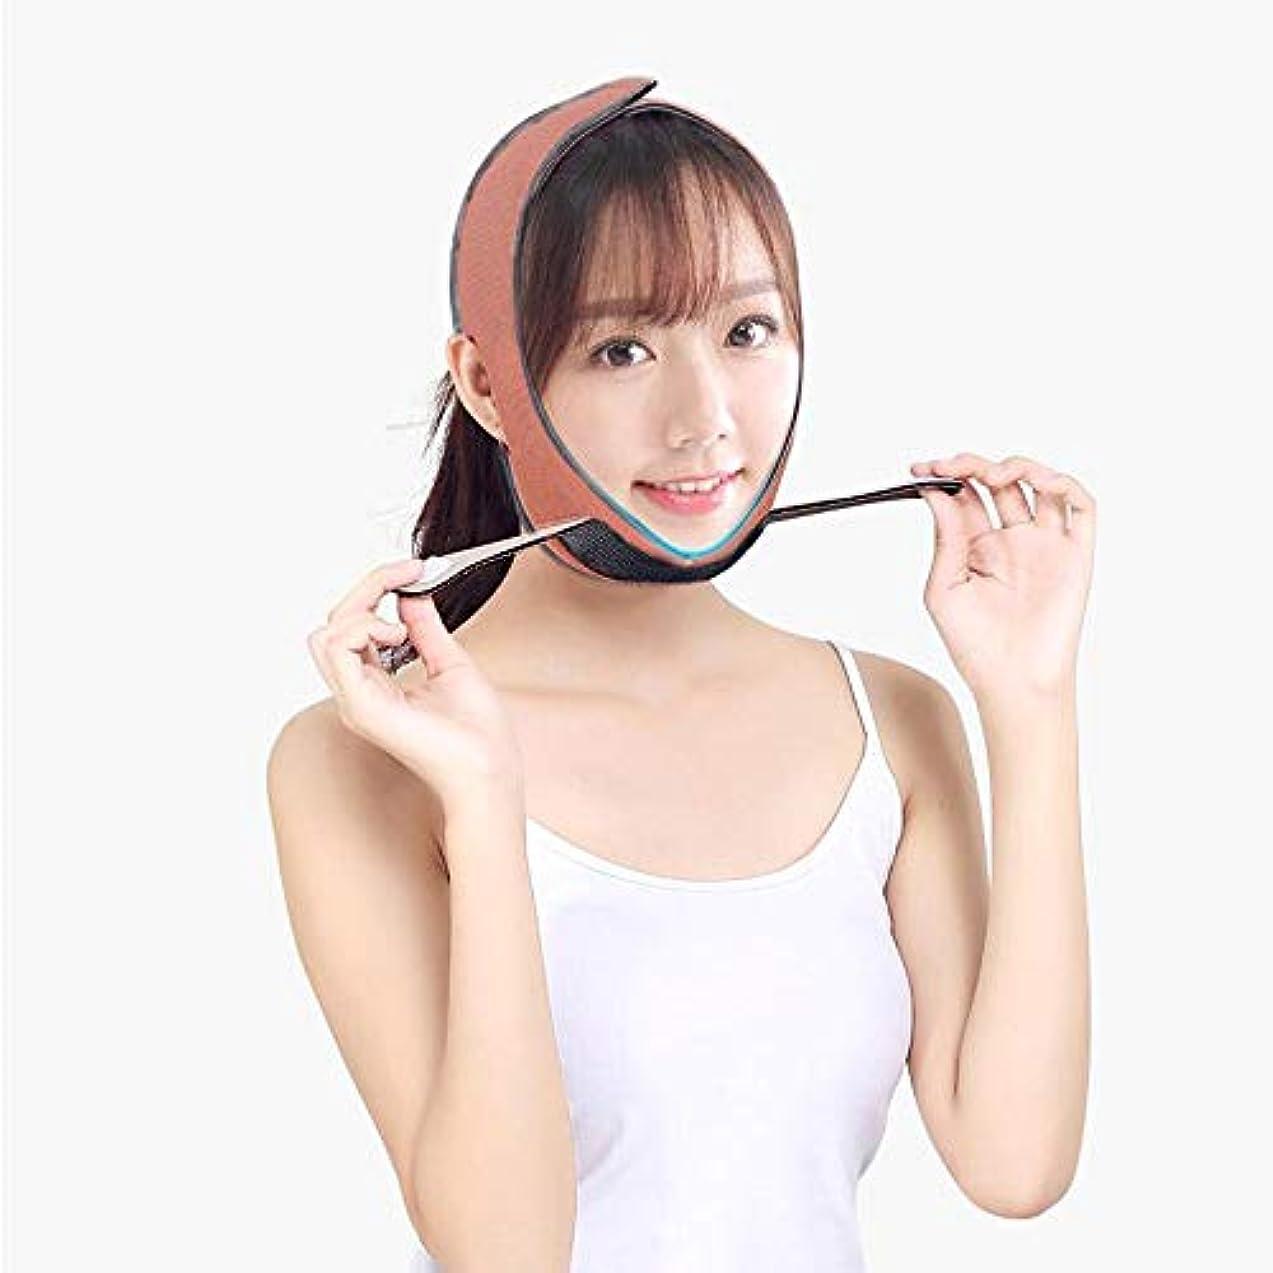 オーラルアデレードお風呂Jia Jia- フェイシャルリフティングスリミングベルト - 薄いフェイス包帯Vフェイス包帯マスクフェイシャルマッサージャー無料整形マスク顔と首の顔を引き締めますスリム 顔面包帯